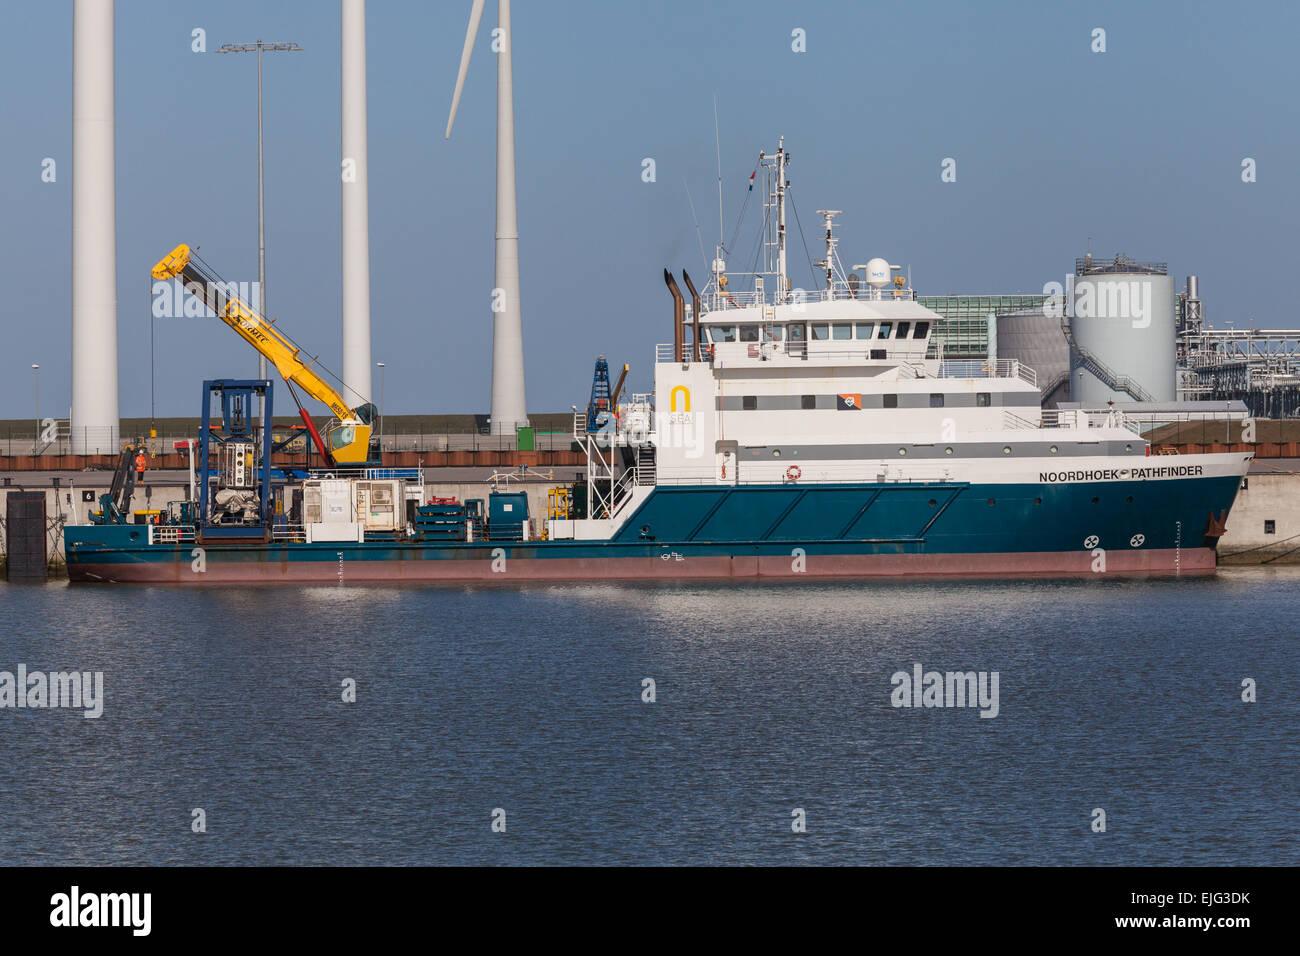 La N-mare Offshore Dive sostegno & Studio Nave, Noordhoek Pathfinder, in Eemshaven Immagini Stock